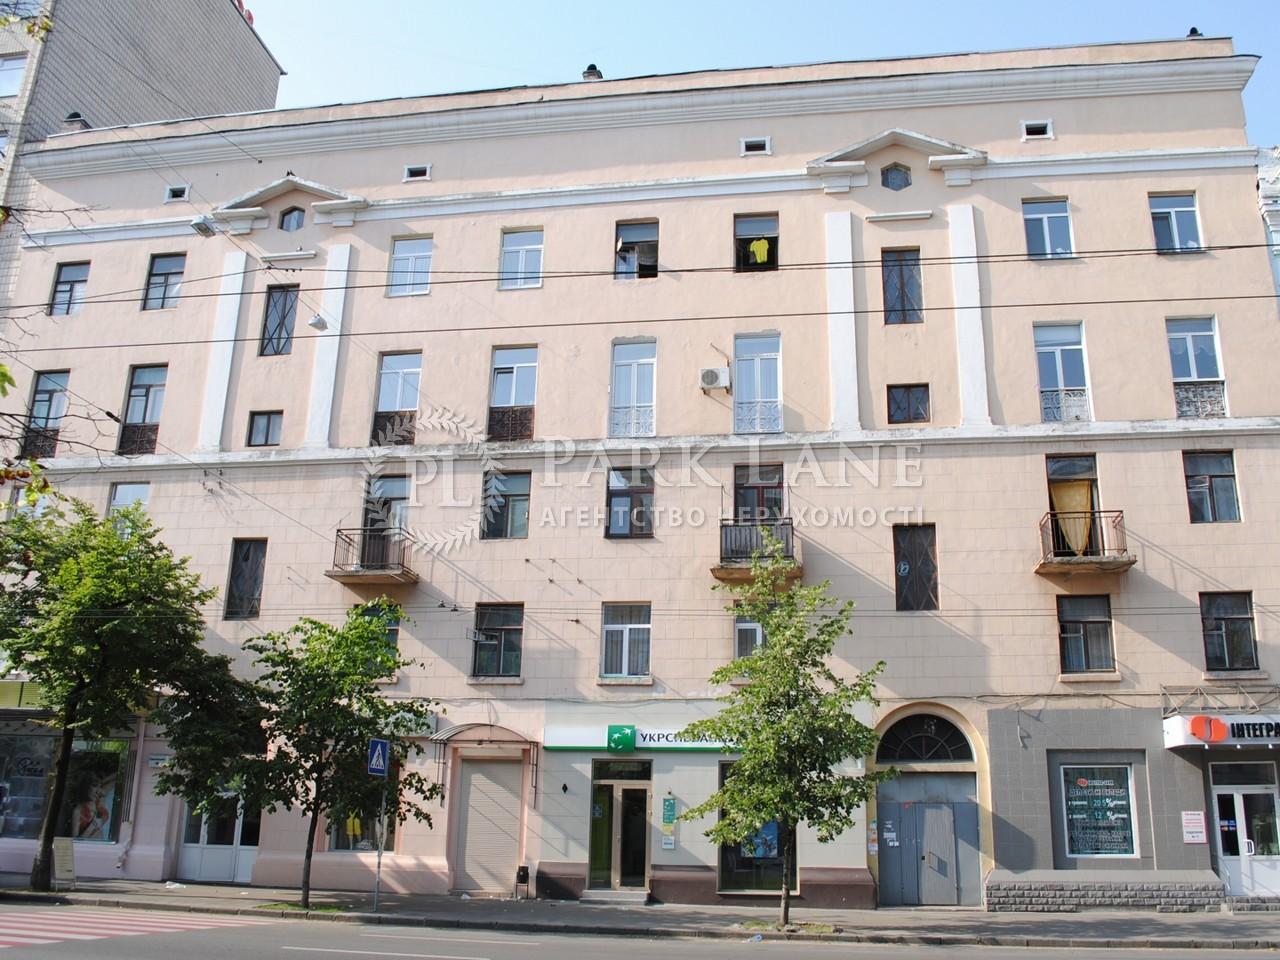 Нежитлове приміщення, вул. Саксаганського, Київ, Z-874713 - Фото 3